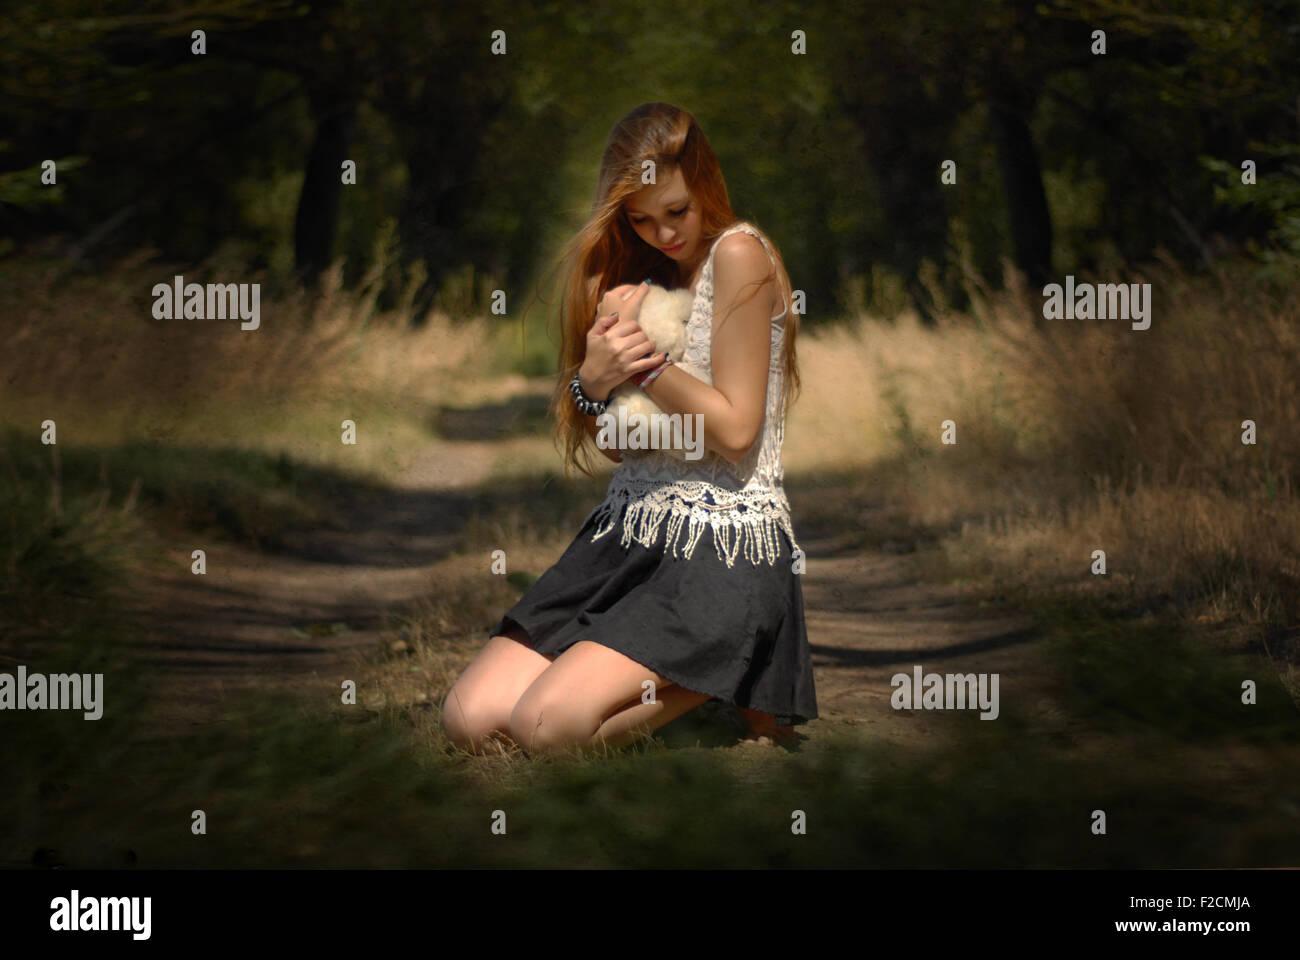 Anima persa e l'innocenza - ragazza abbracciando orsacchiotto nella foresta di piangere ragazza nella foresta Immagini Stock